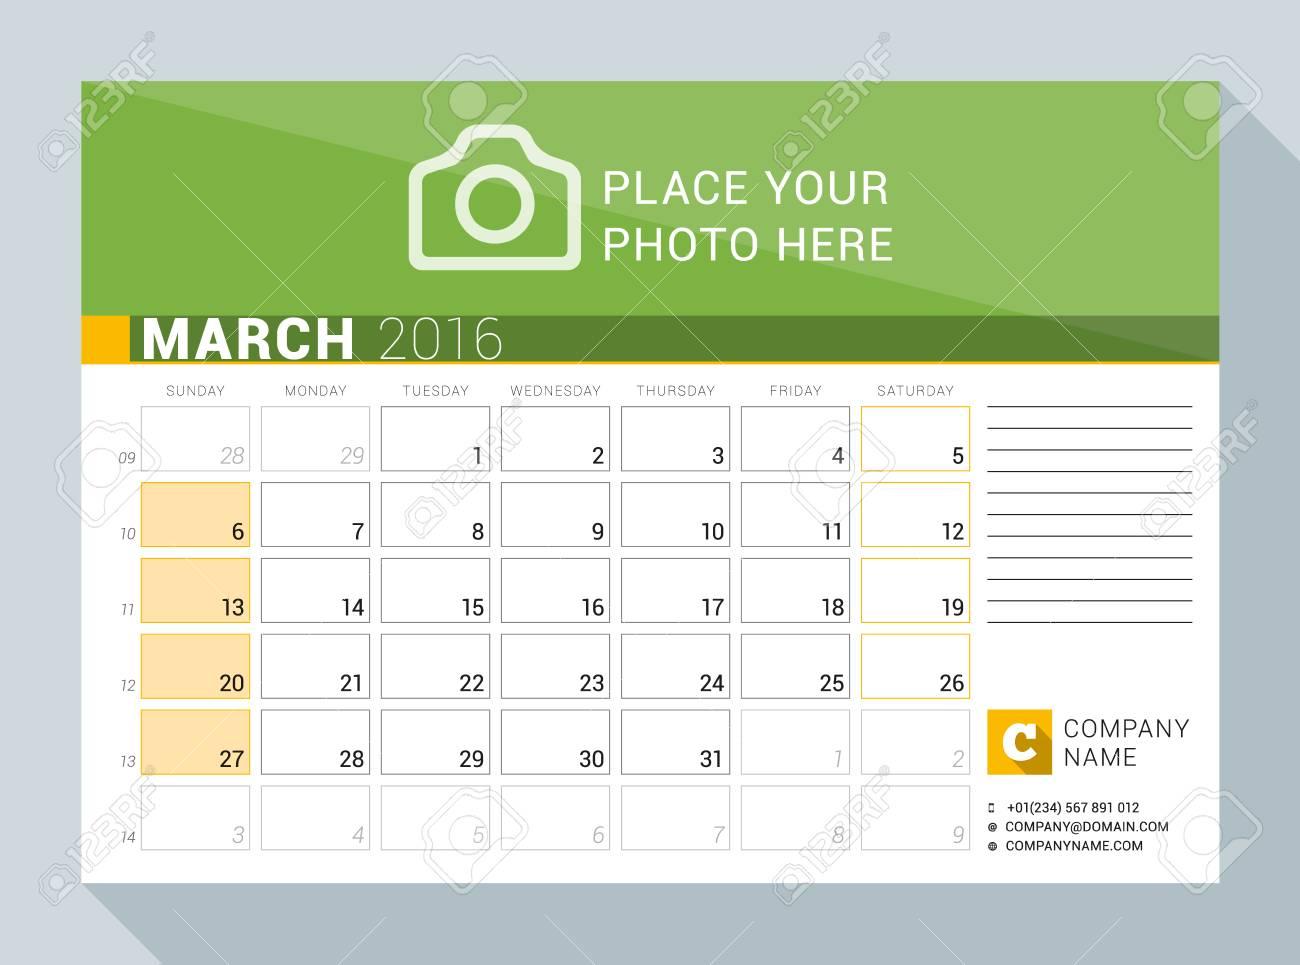 Calendario Con Numero Settimane.Calendario Planner Per L Anno 2016 Marzo Modello Di Stampa Vettoriale Con Posto Per Foto Logo E Informazioni Di Contatto La Settimana Inizia